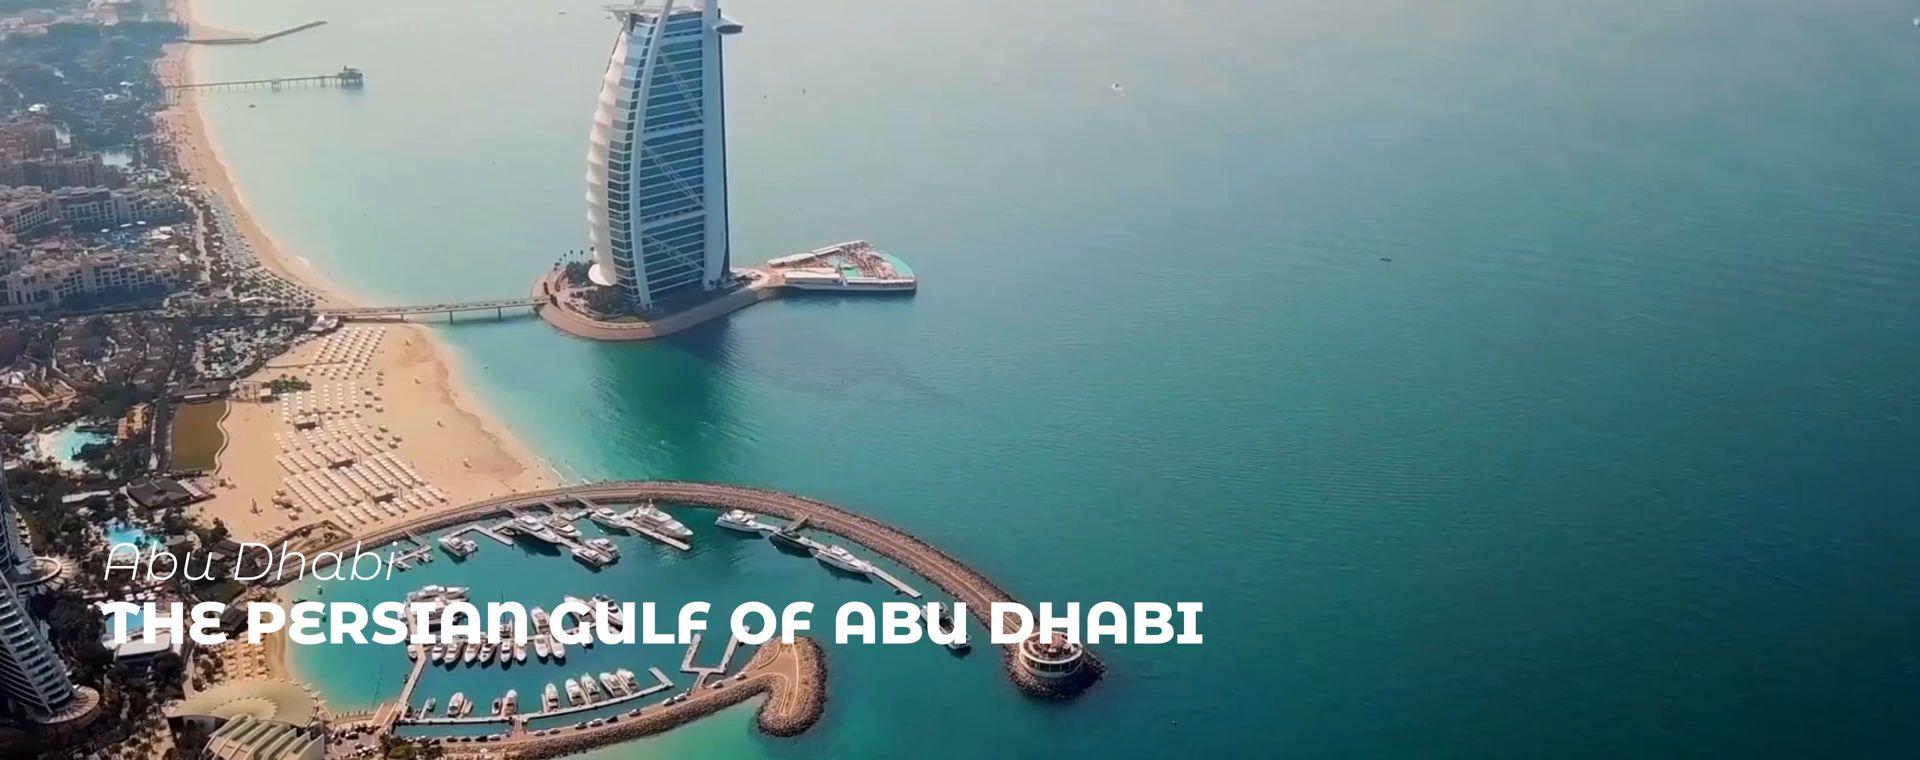 THE PERSIAN GULF OF ABU DHABI